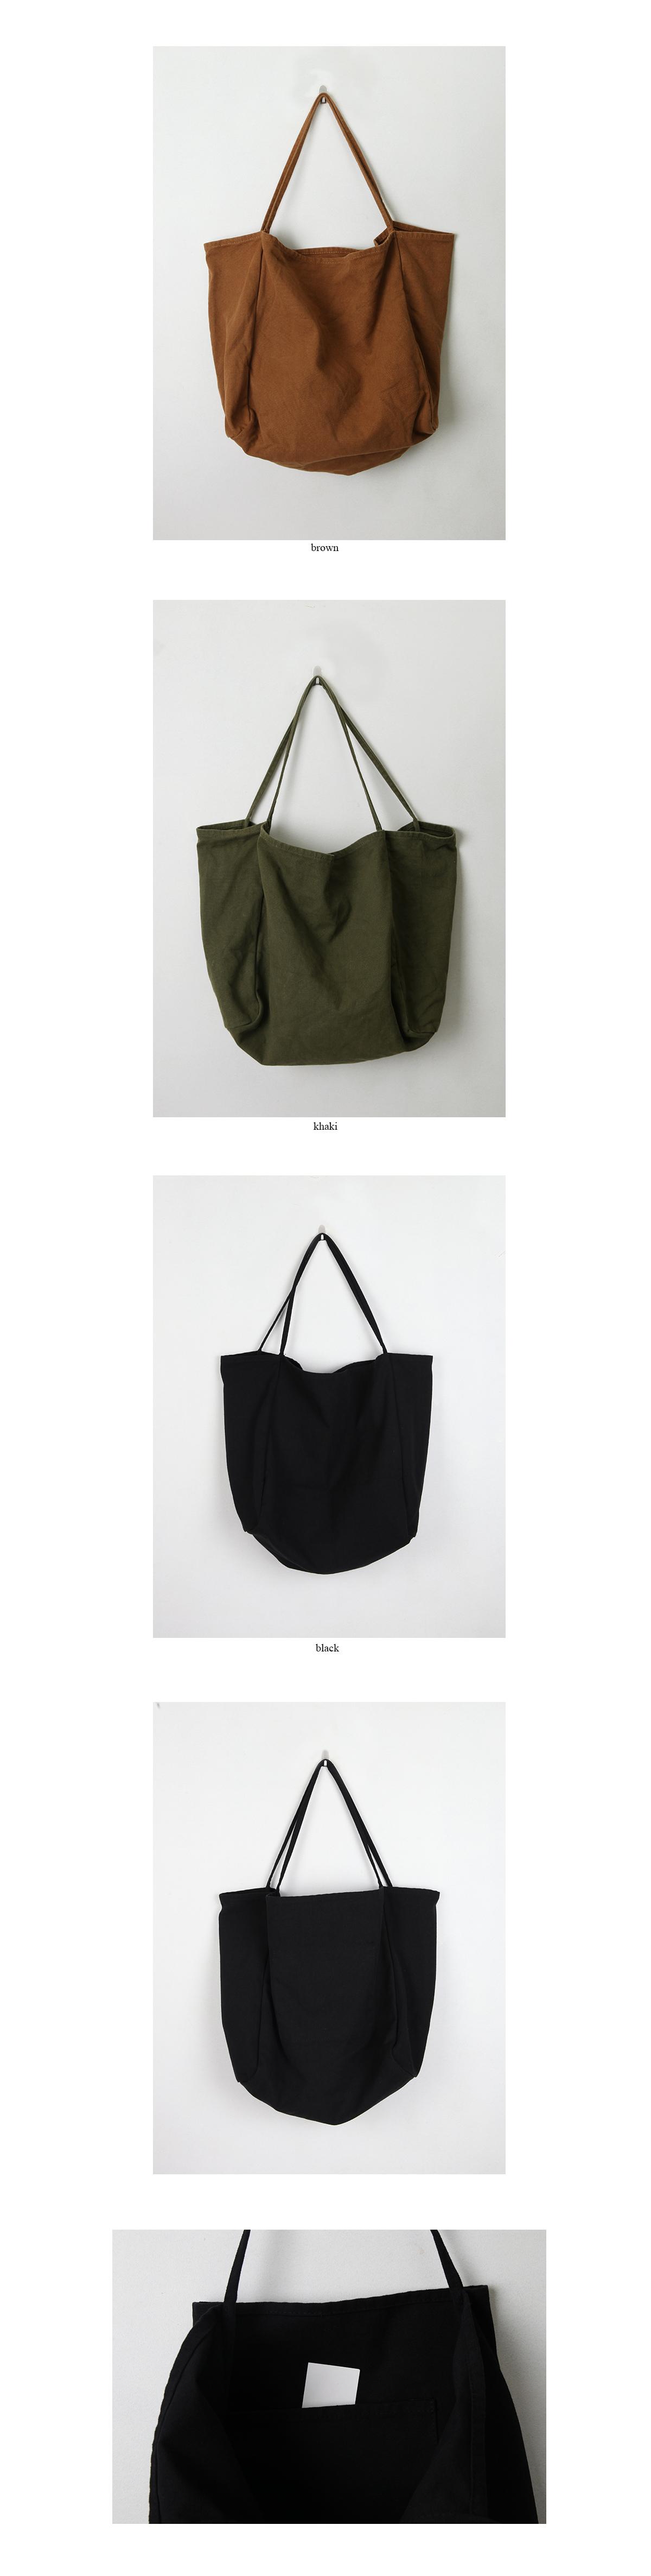 canvas mood bag (3colors)